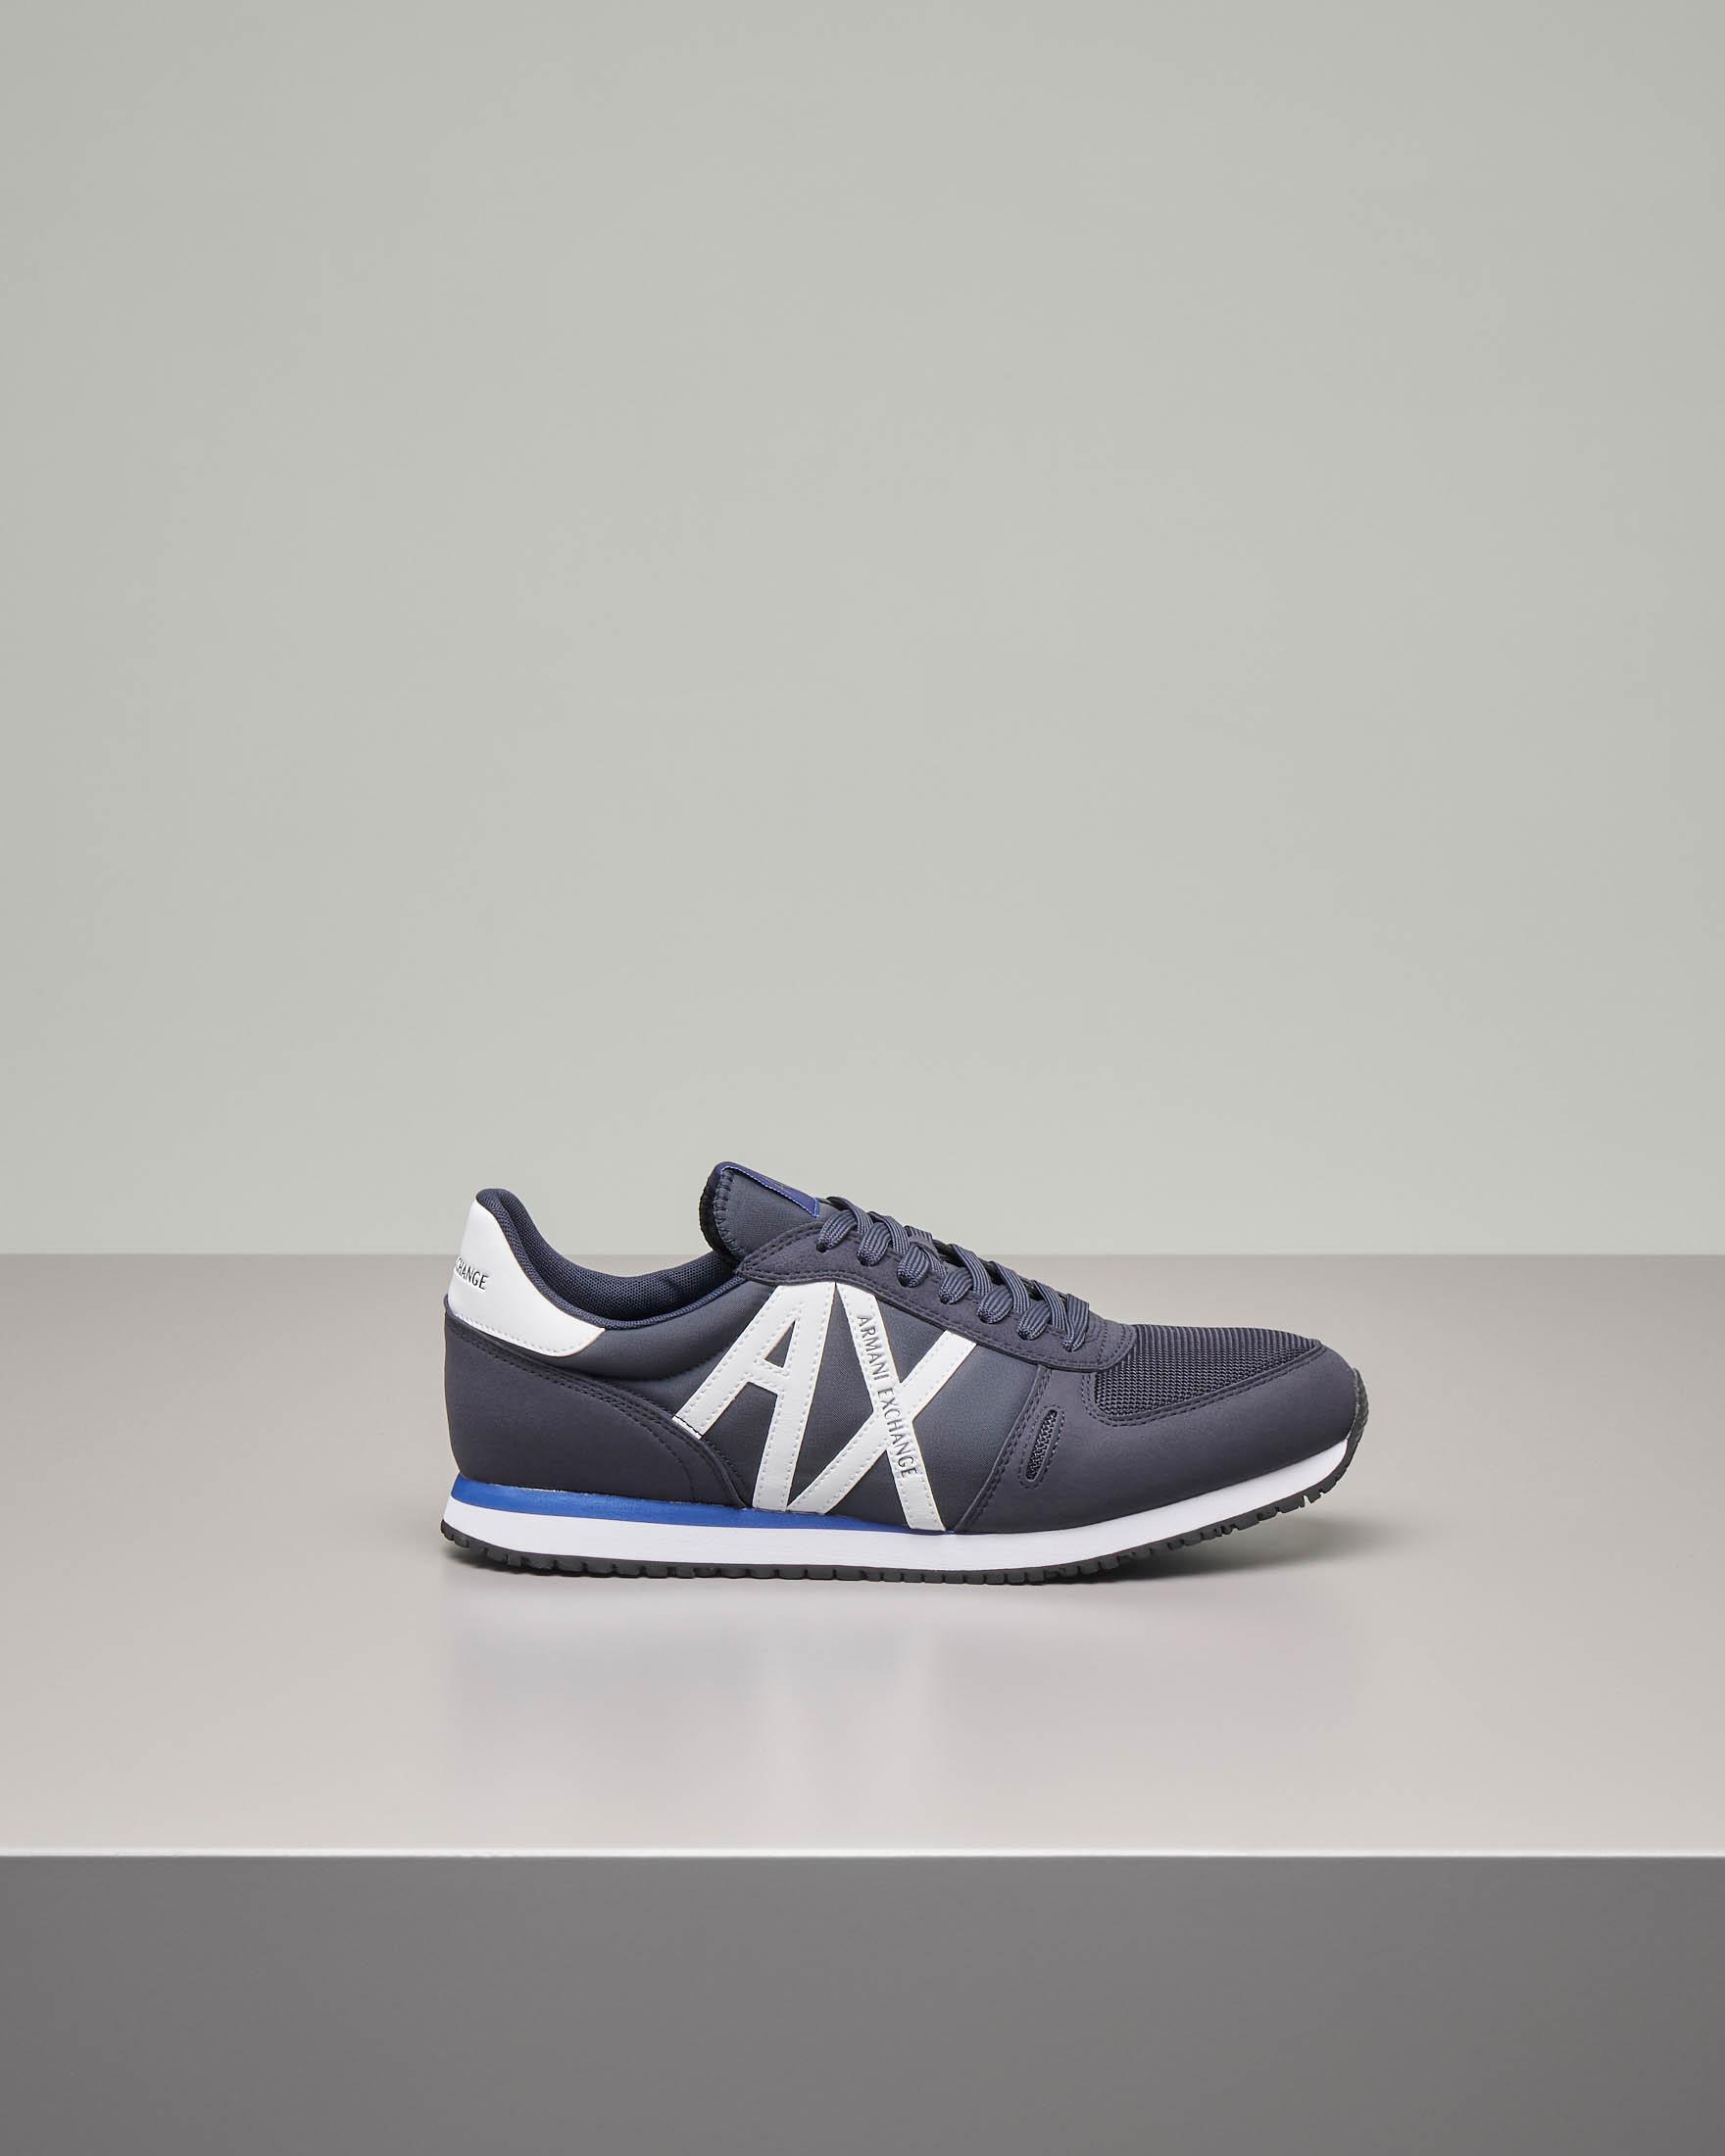 Sneakers blu con logo AX bianco